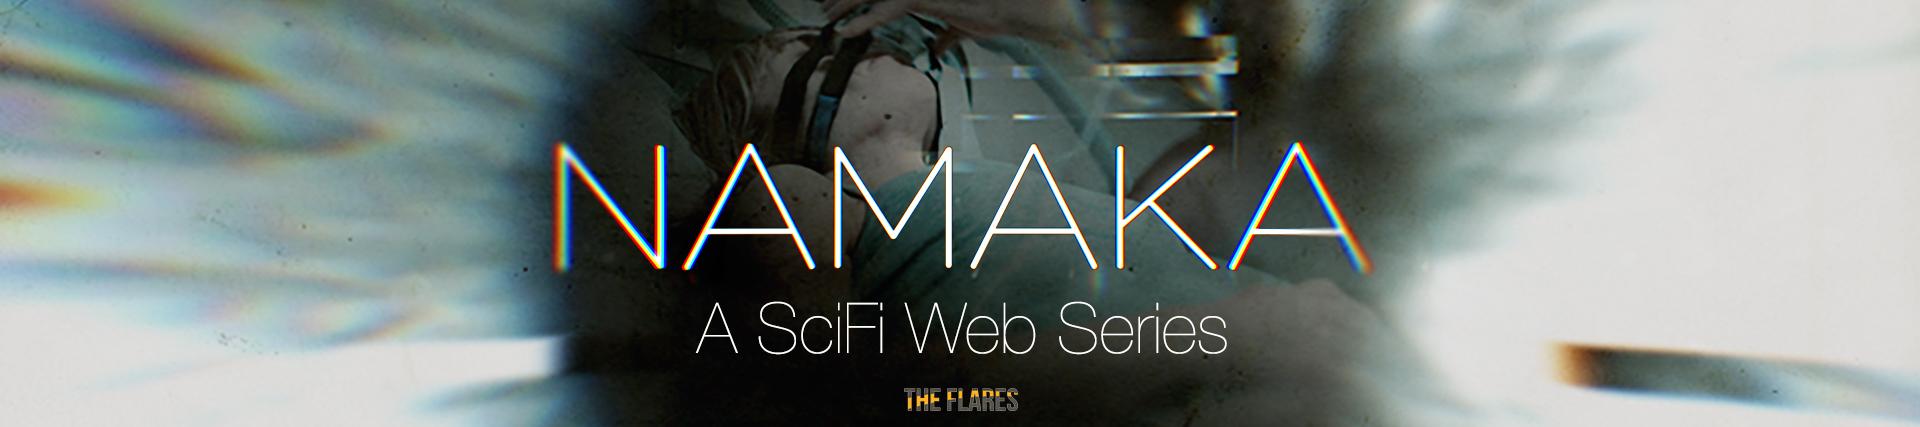 Namaka_Banner_site